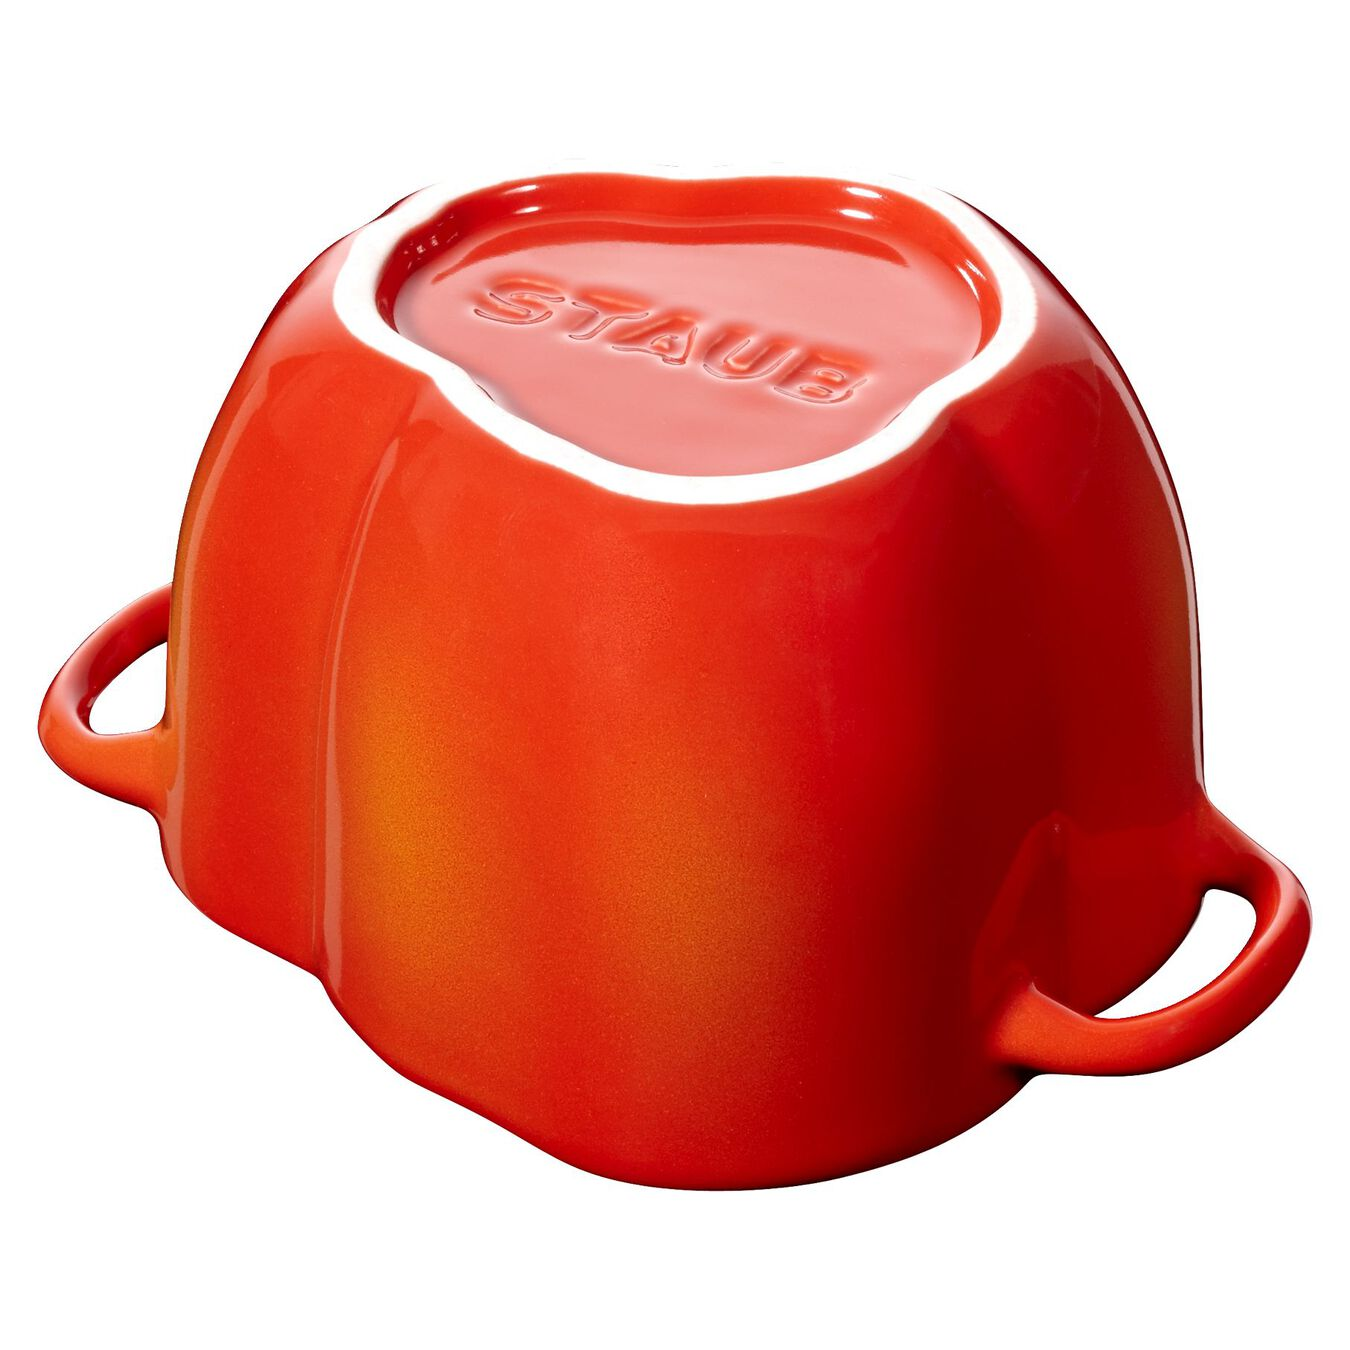 Cocotte 12 cm, Poivron, Orange et rouge, Céramique,,large 6